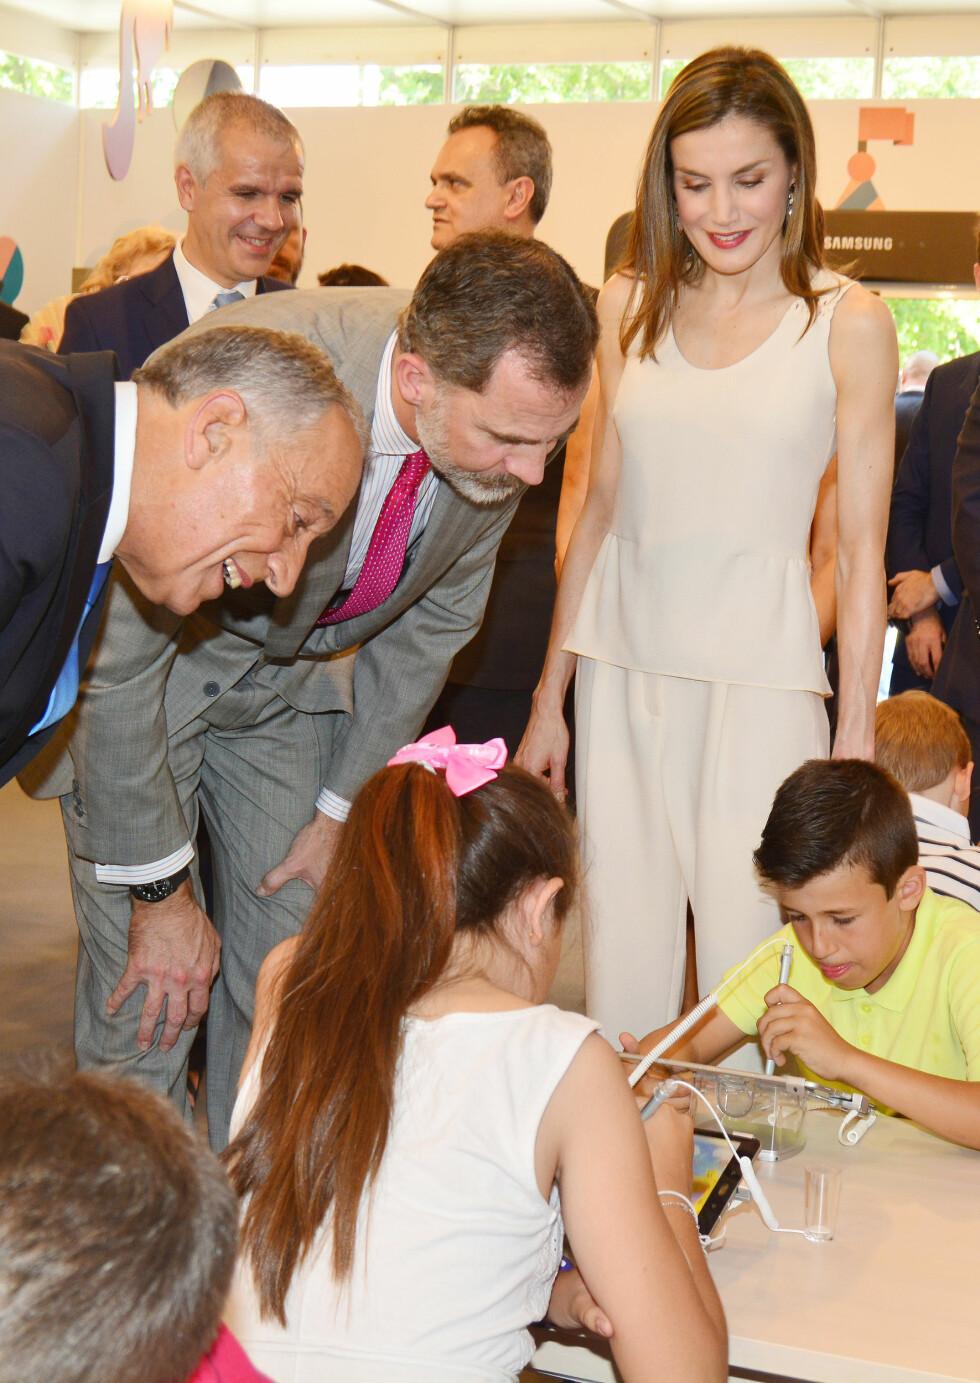 NÆRKONTAKT: Dronning Letizia og kong Felipe av Spania med den portugisiske presidenten Marcelo Rebelo de Sousa (t.v.) under   Madrid Book Fair ved Retiro Park i mai i år. Her sjekker de ut hva barna som deltok på bokmarkedet holder på med. Foto: NTB Scanpix